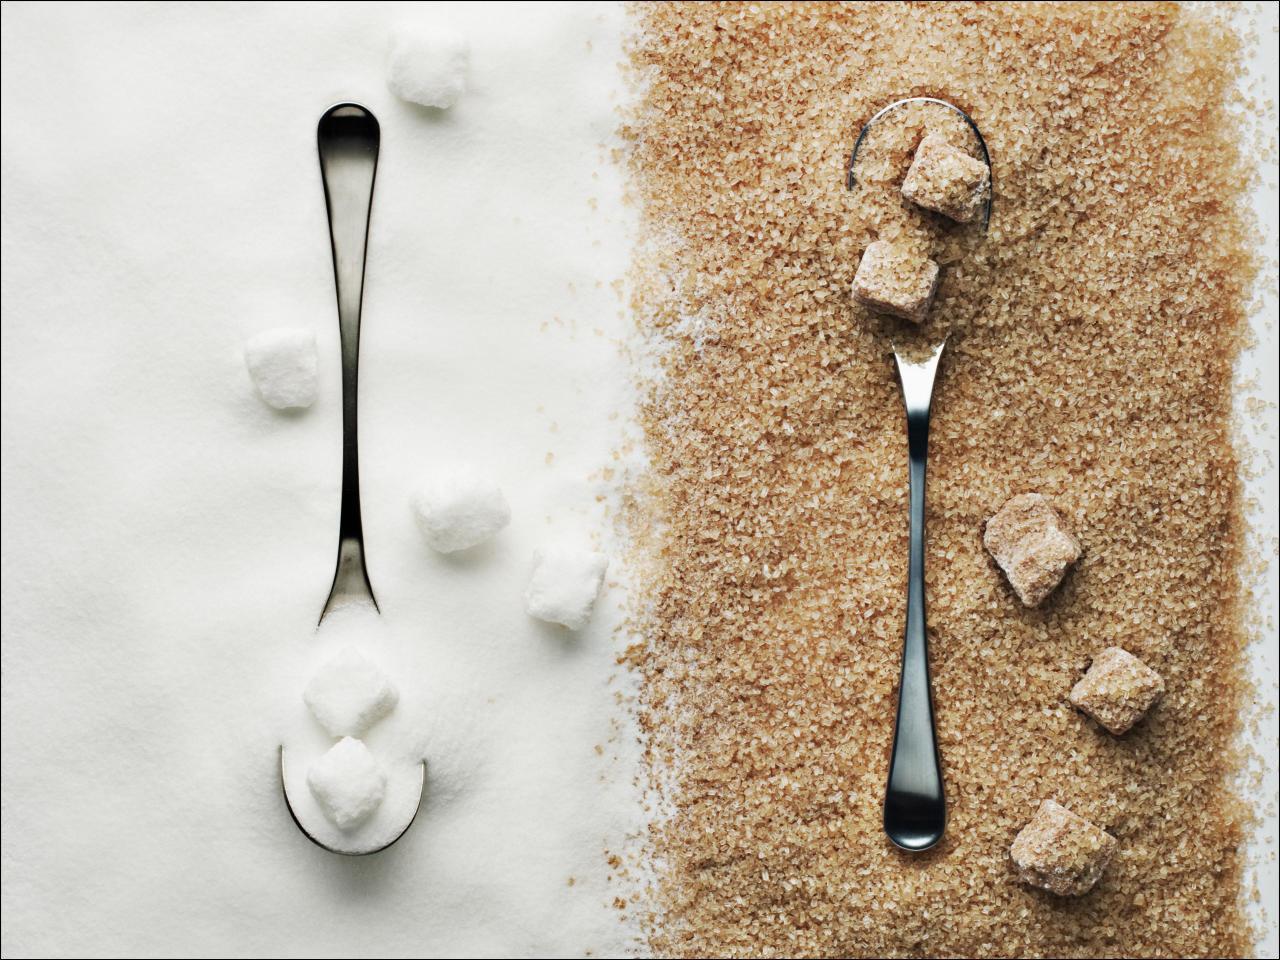 Brauner Zucker vs wei�er Zucker